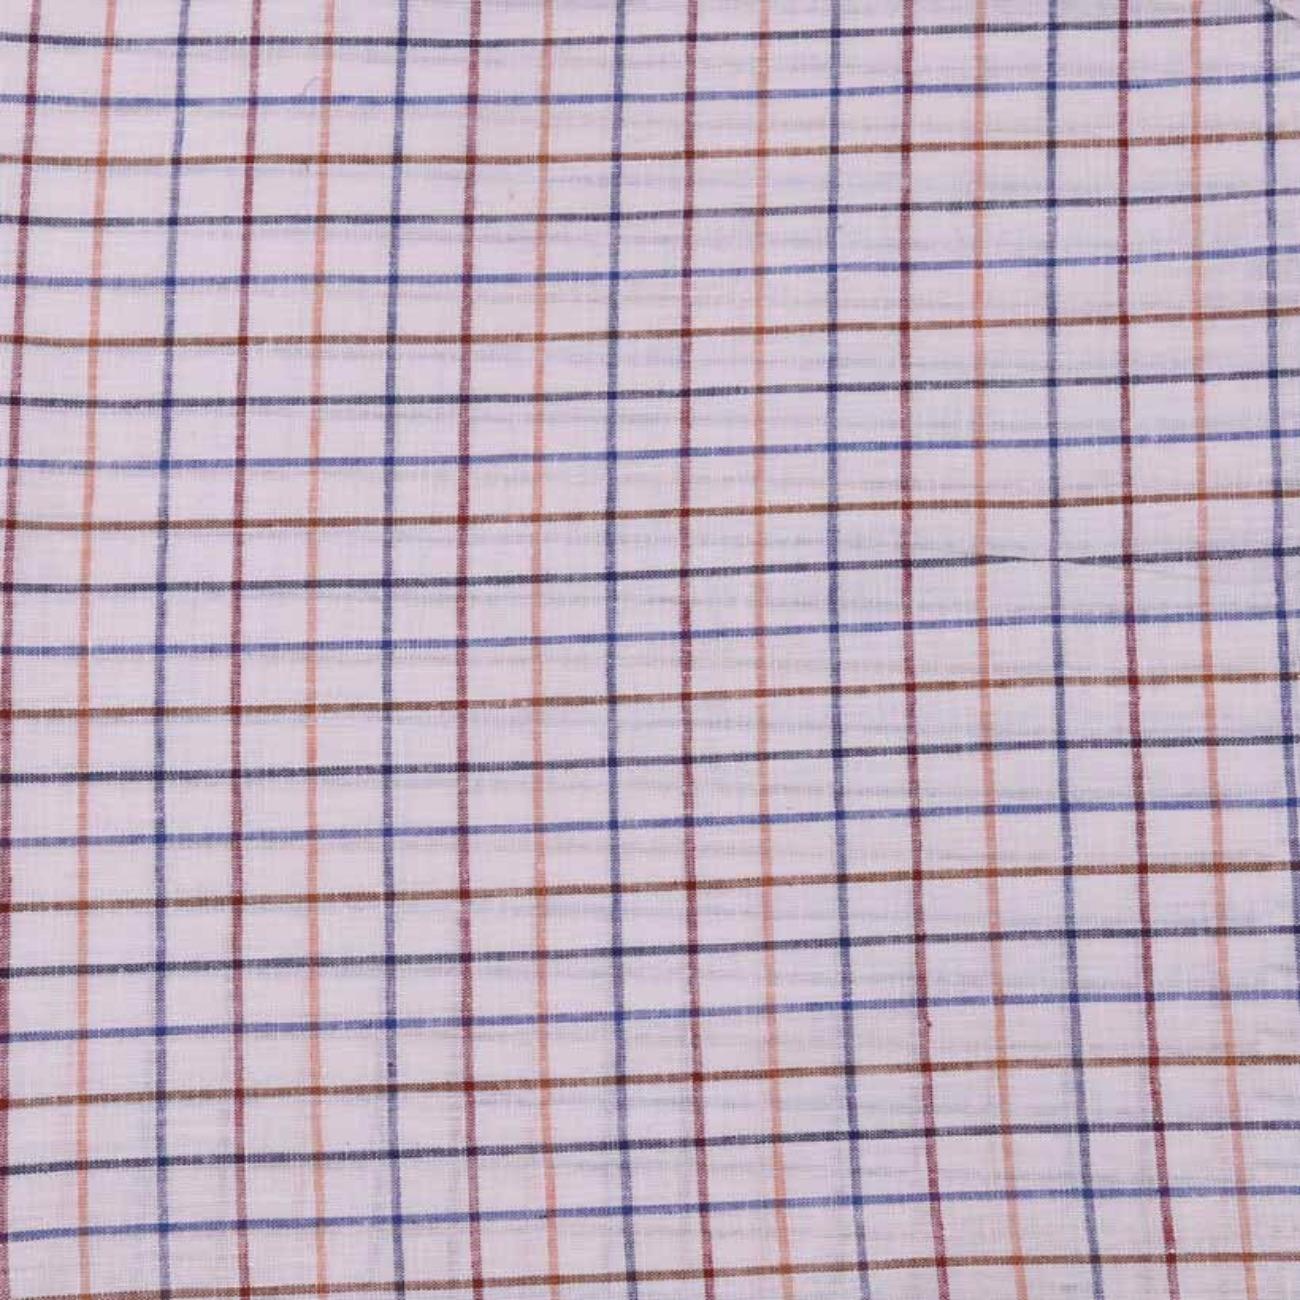 现货格子梭织色织休闲时尚风格 衬衫 连衣裙 短裙 60929-47